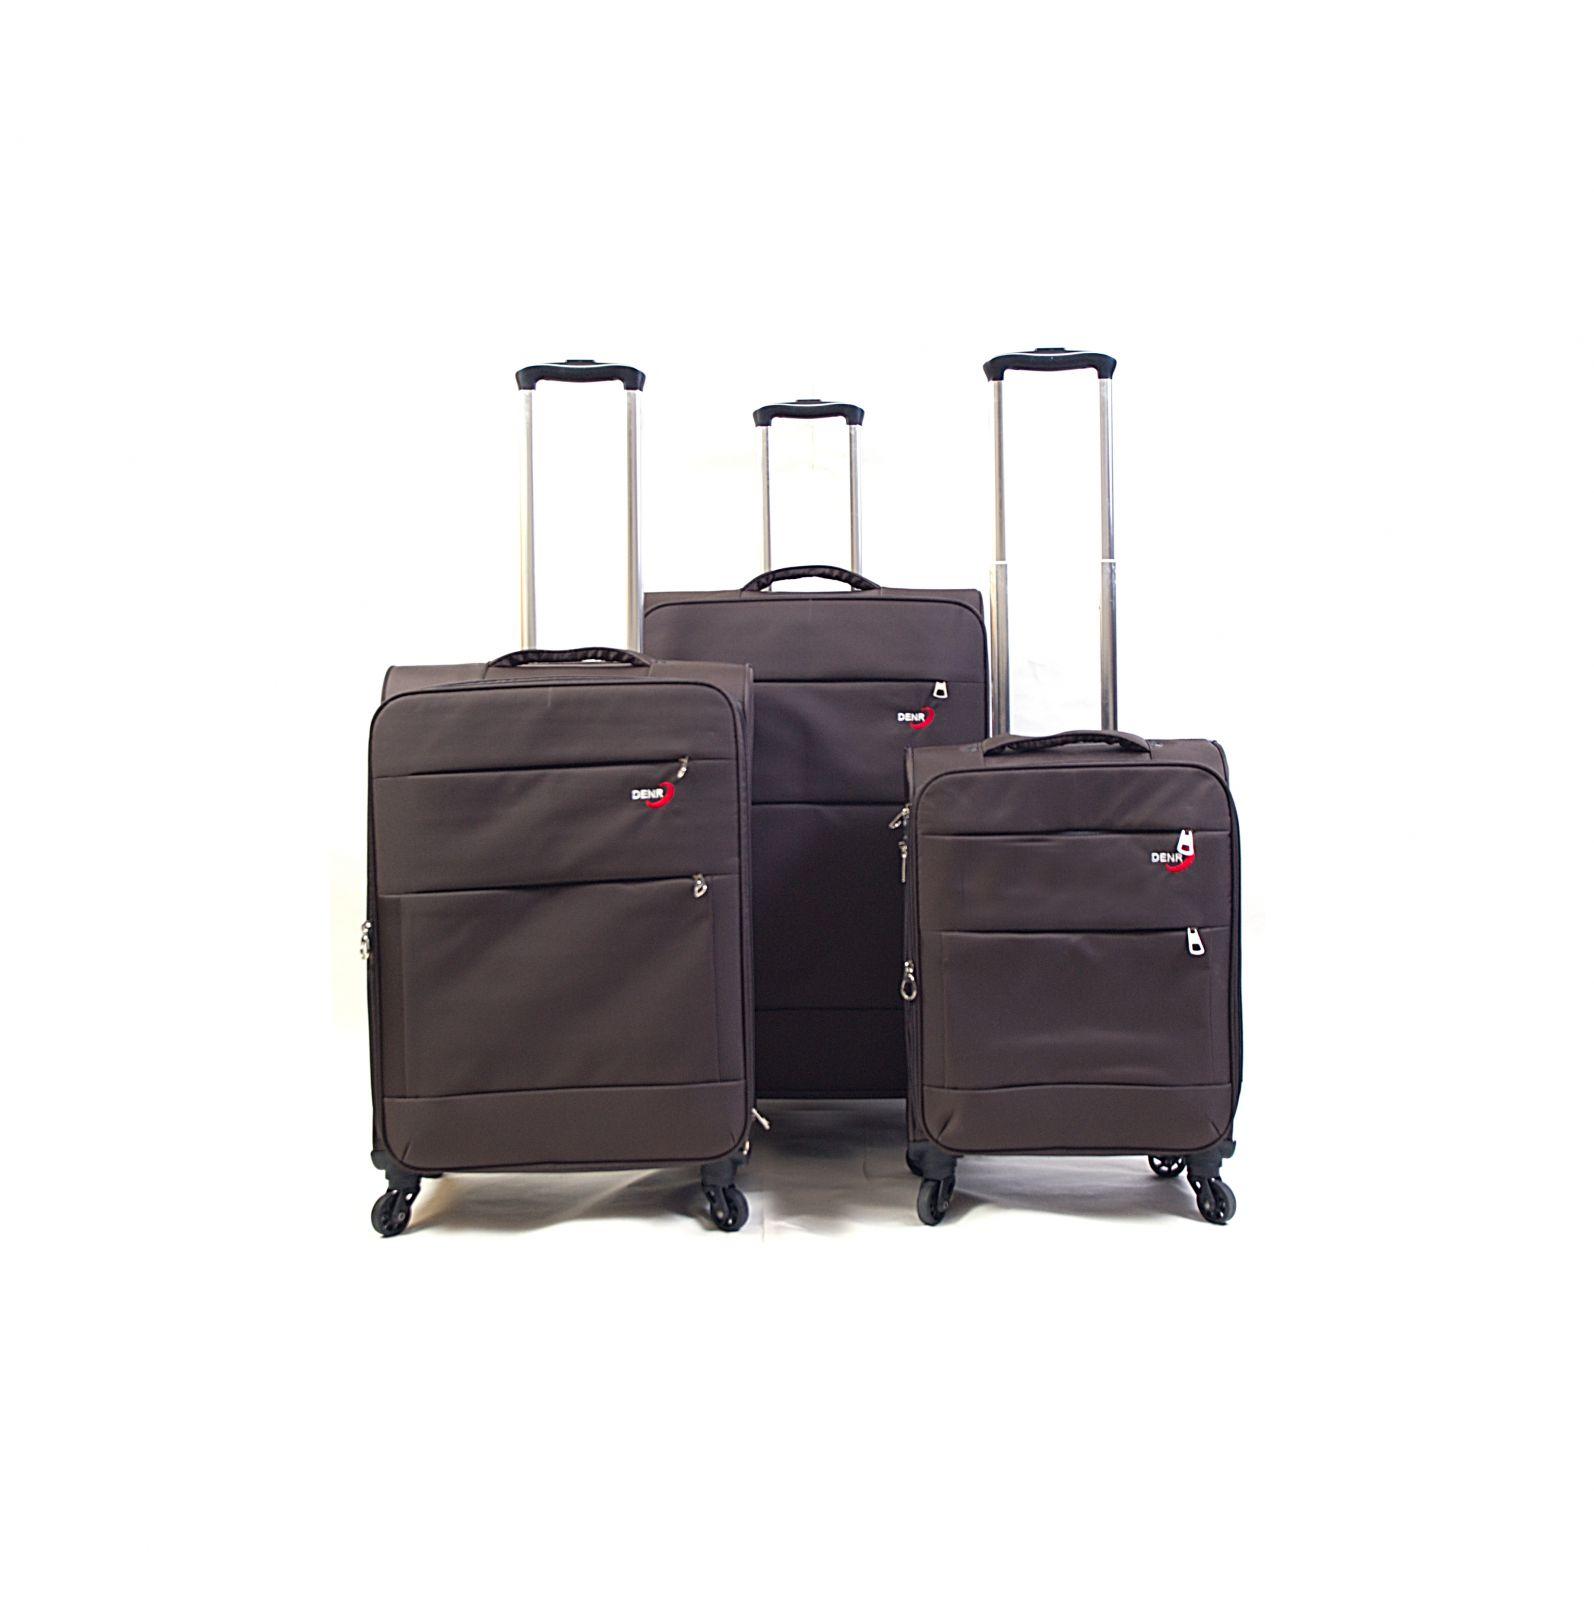 Trolley-CASE TC-883 4w sada 3 kufru hnedé